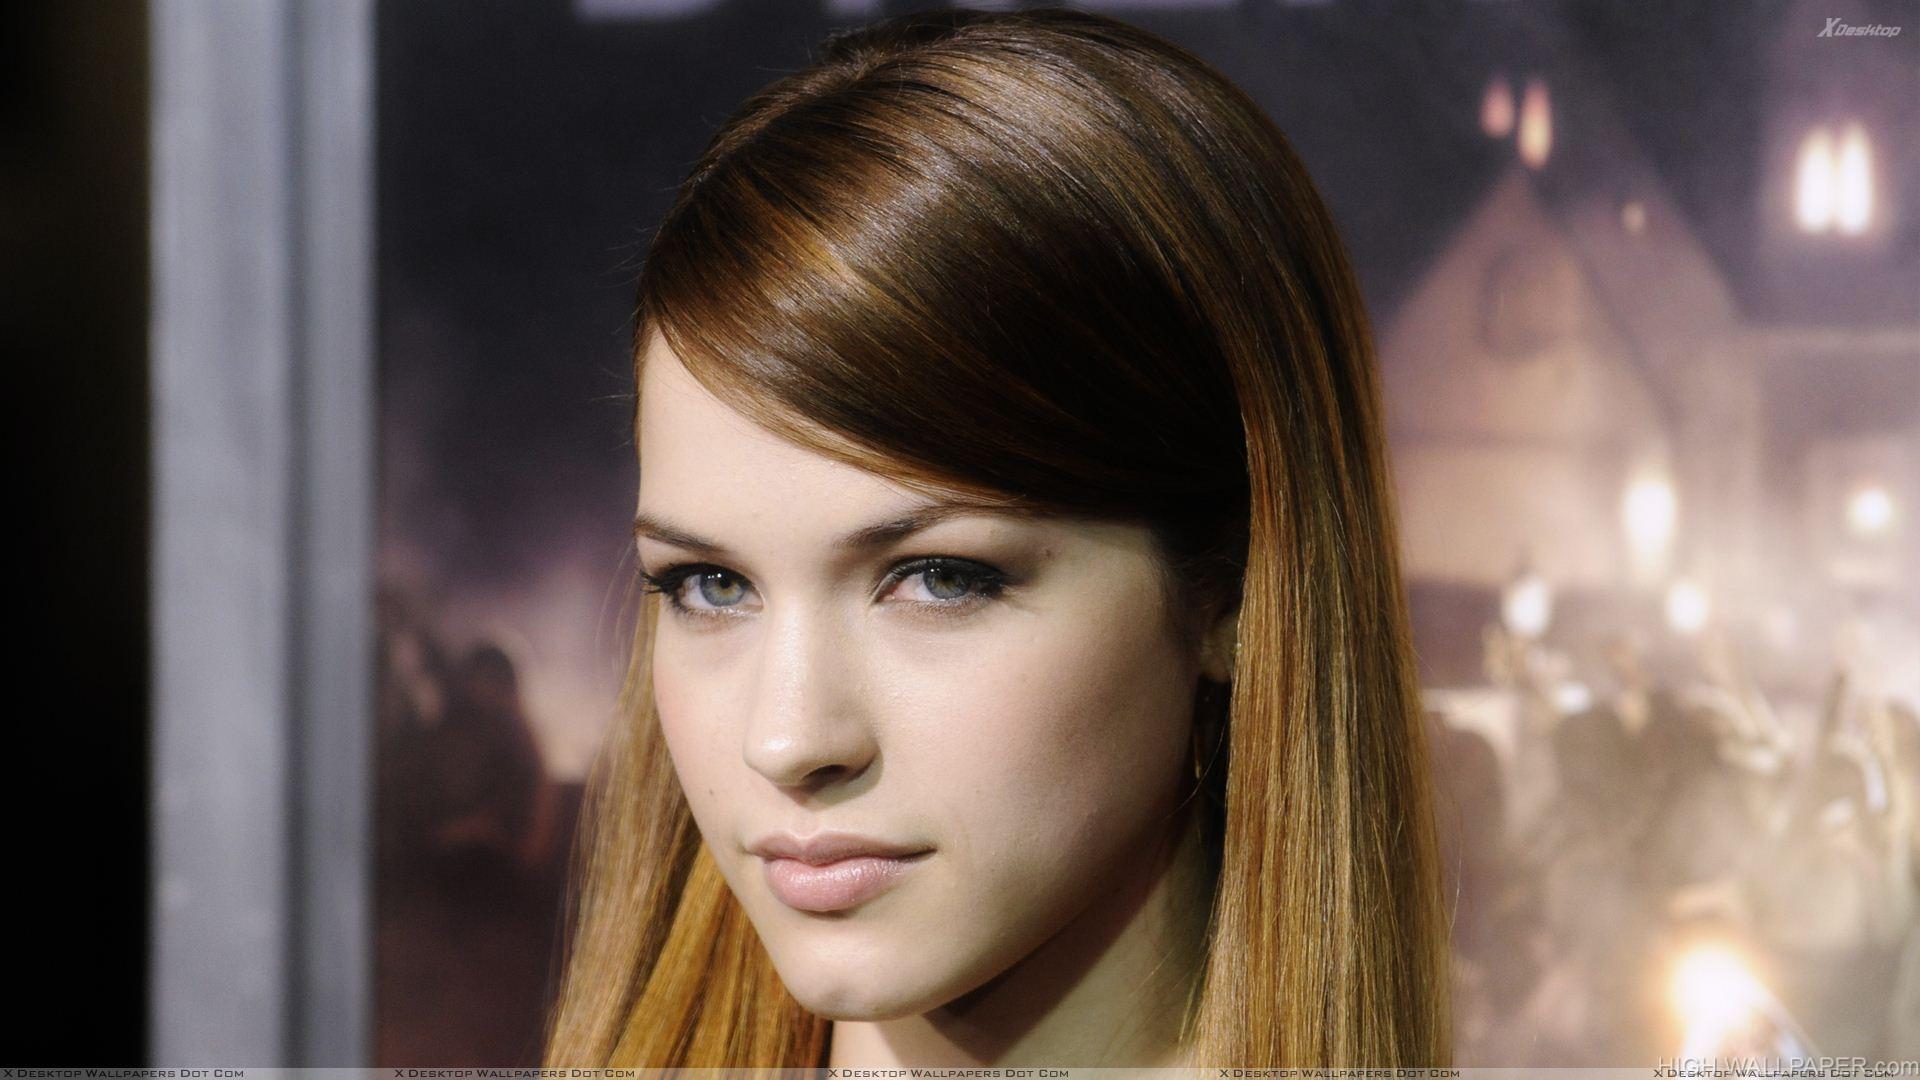 Alexis Knapp Glossy Lips Looking At Camera Face Closeup